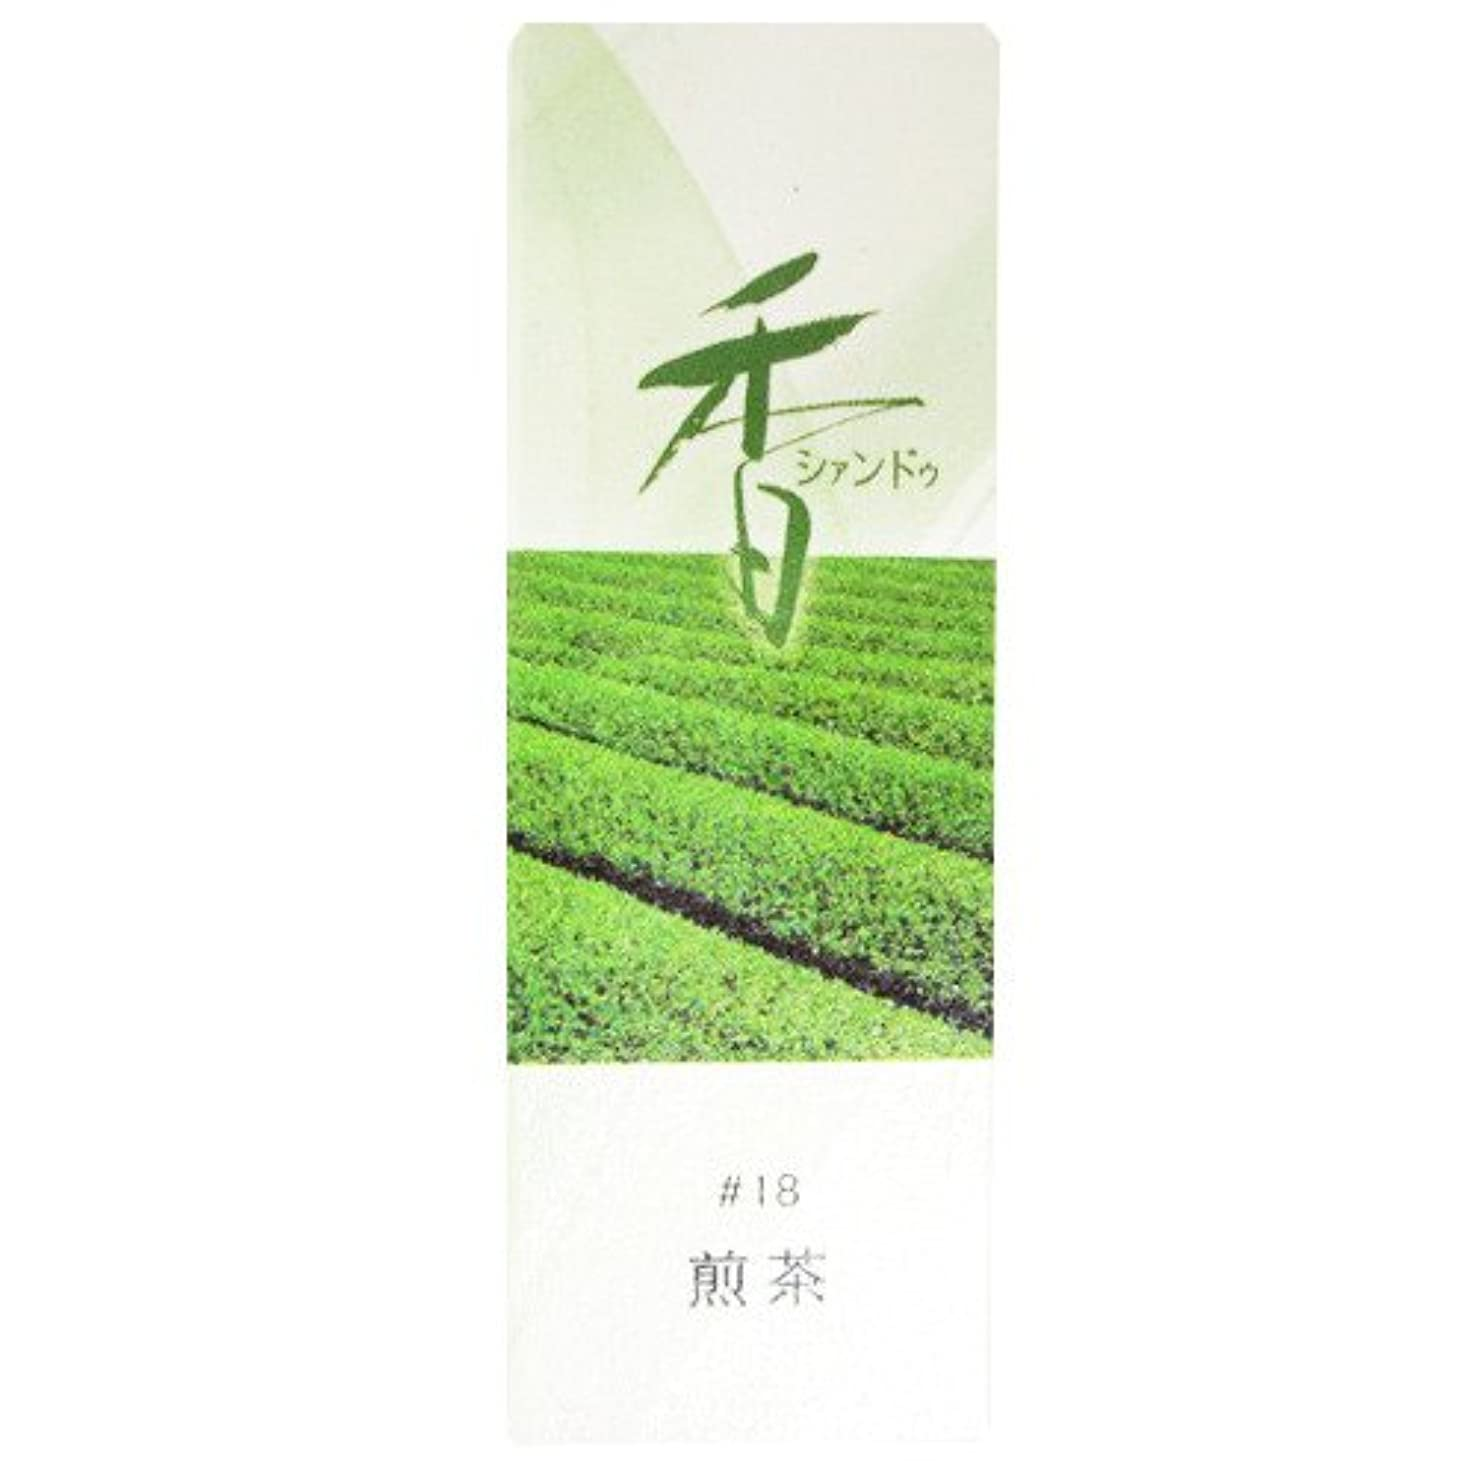 非常に環境保護主義者オンス松栄堂のお香 Xiang Do(シャンドゥ) 煎茶 ST20本入 簡易香立付 #214218